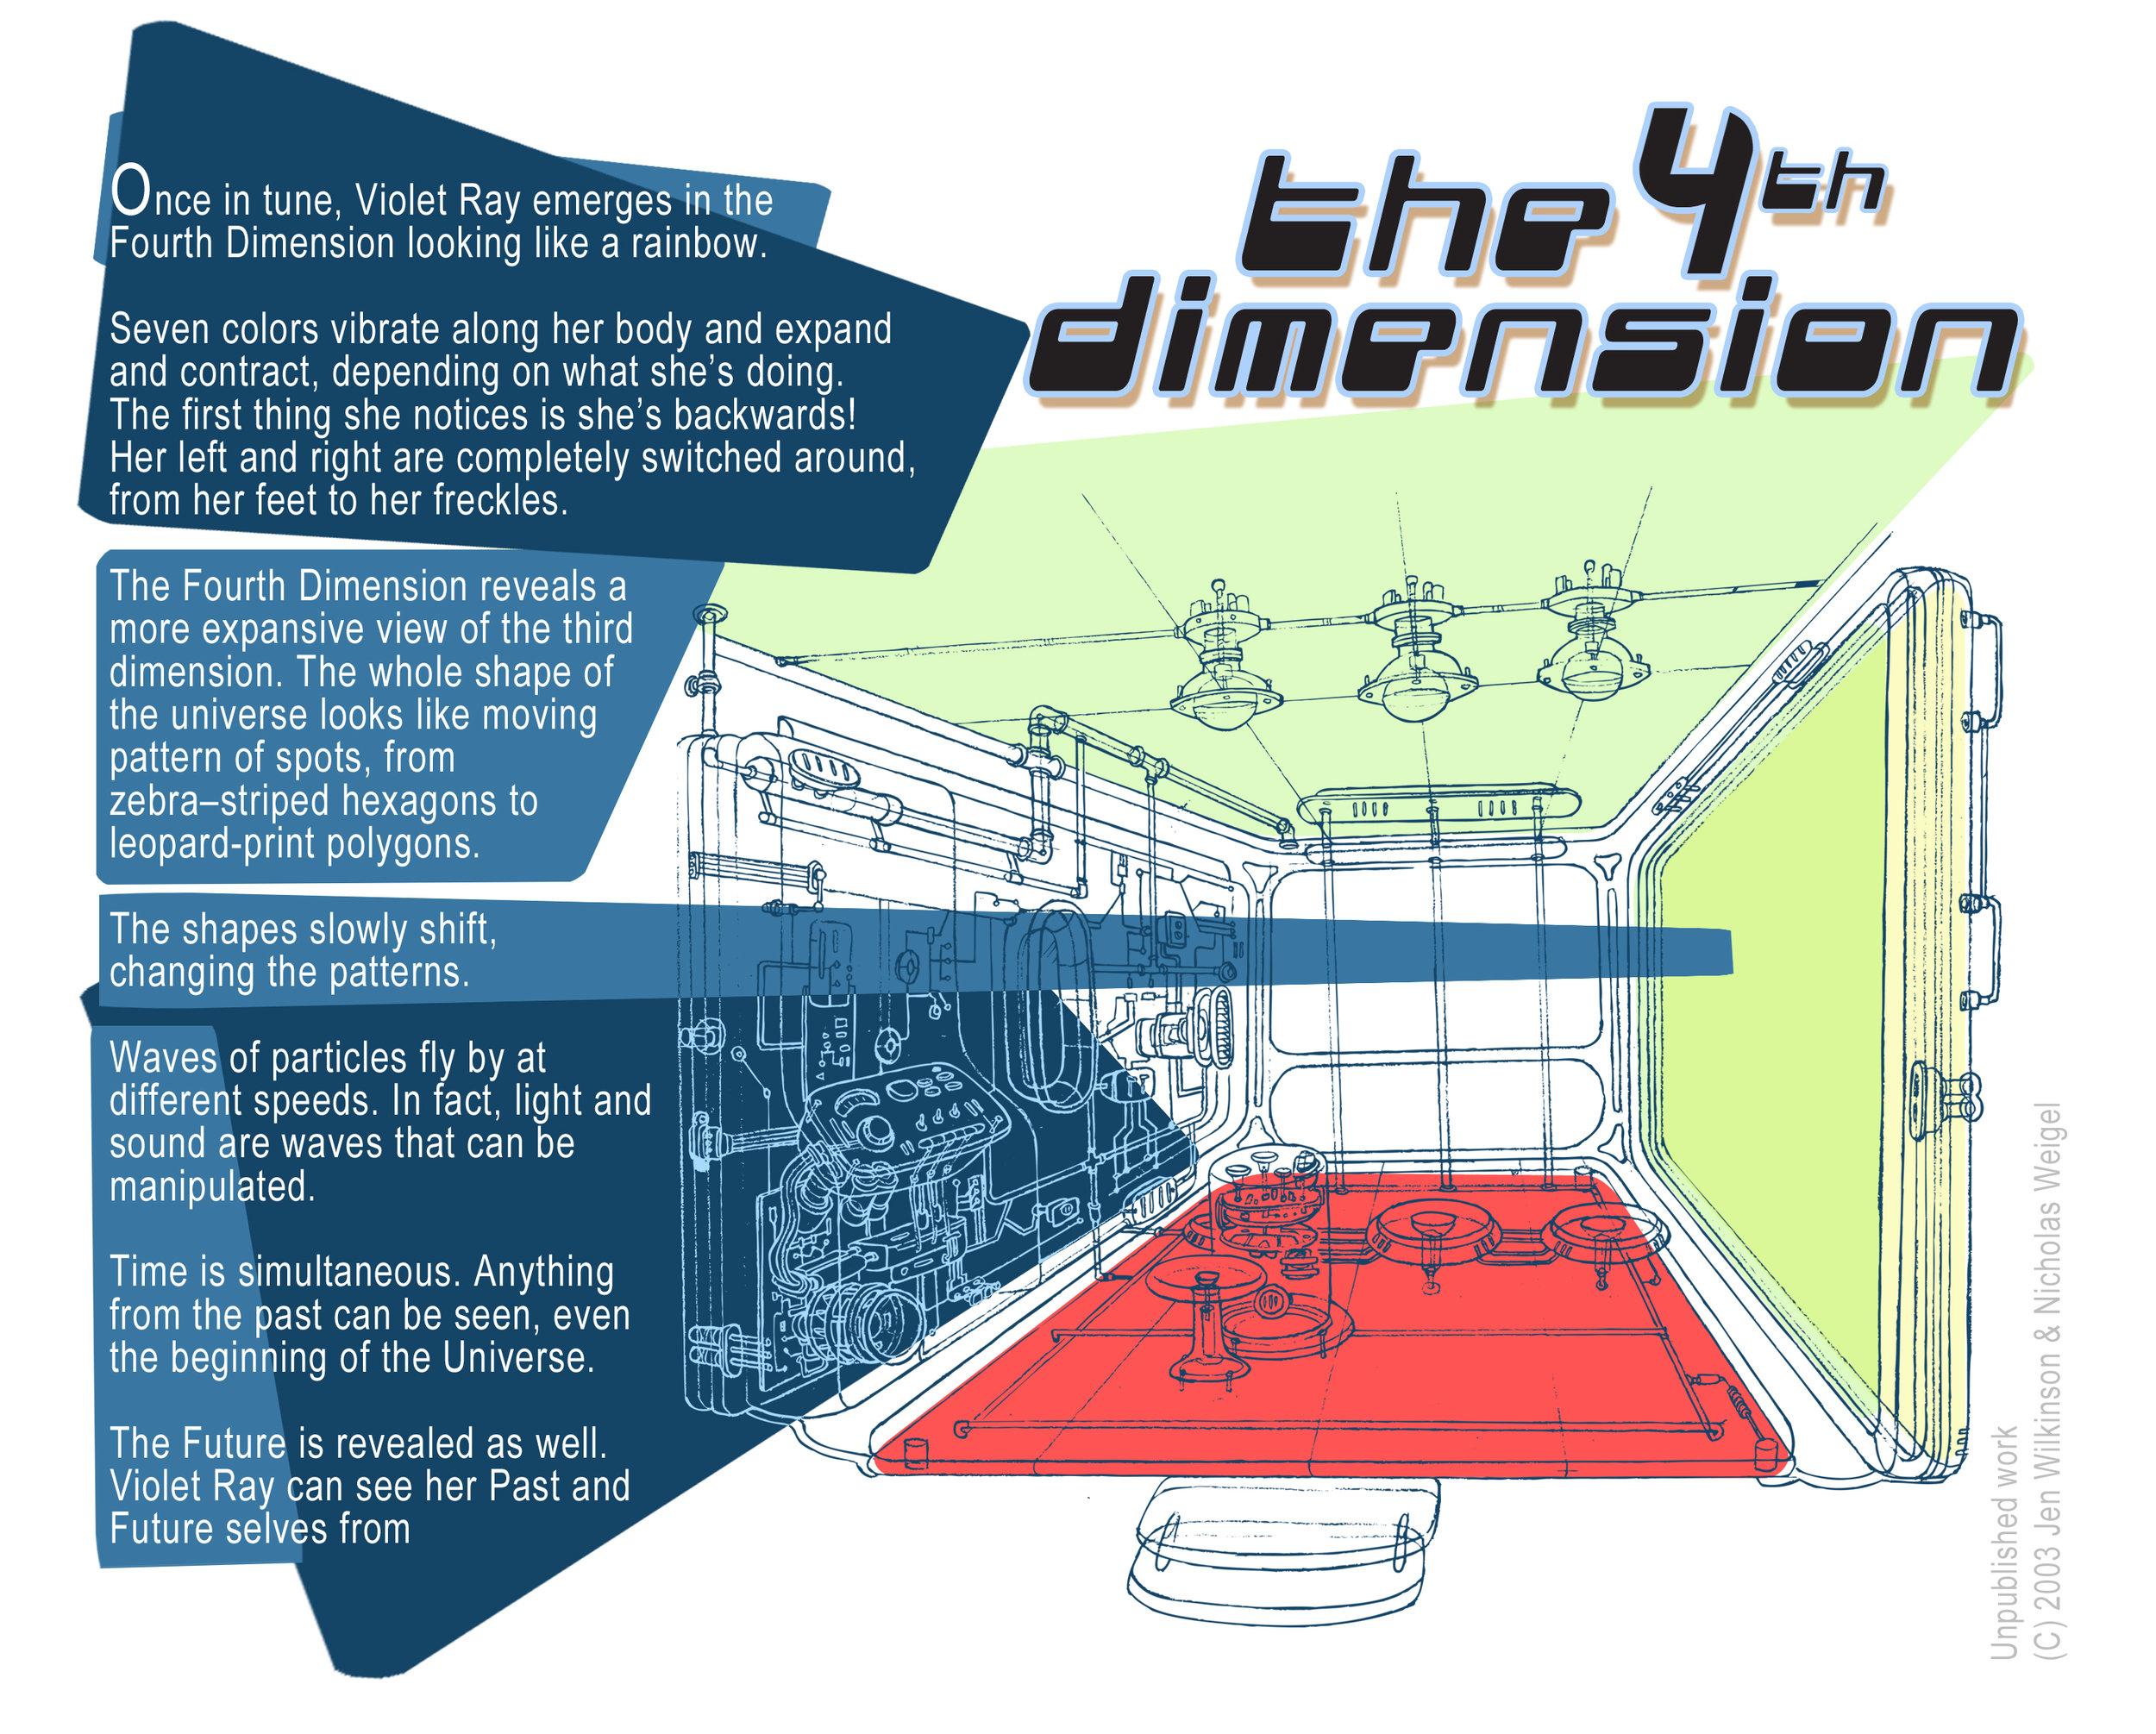 fourth_dimension_03 copy.jpg